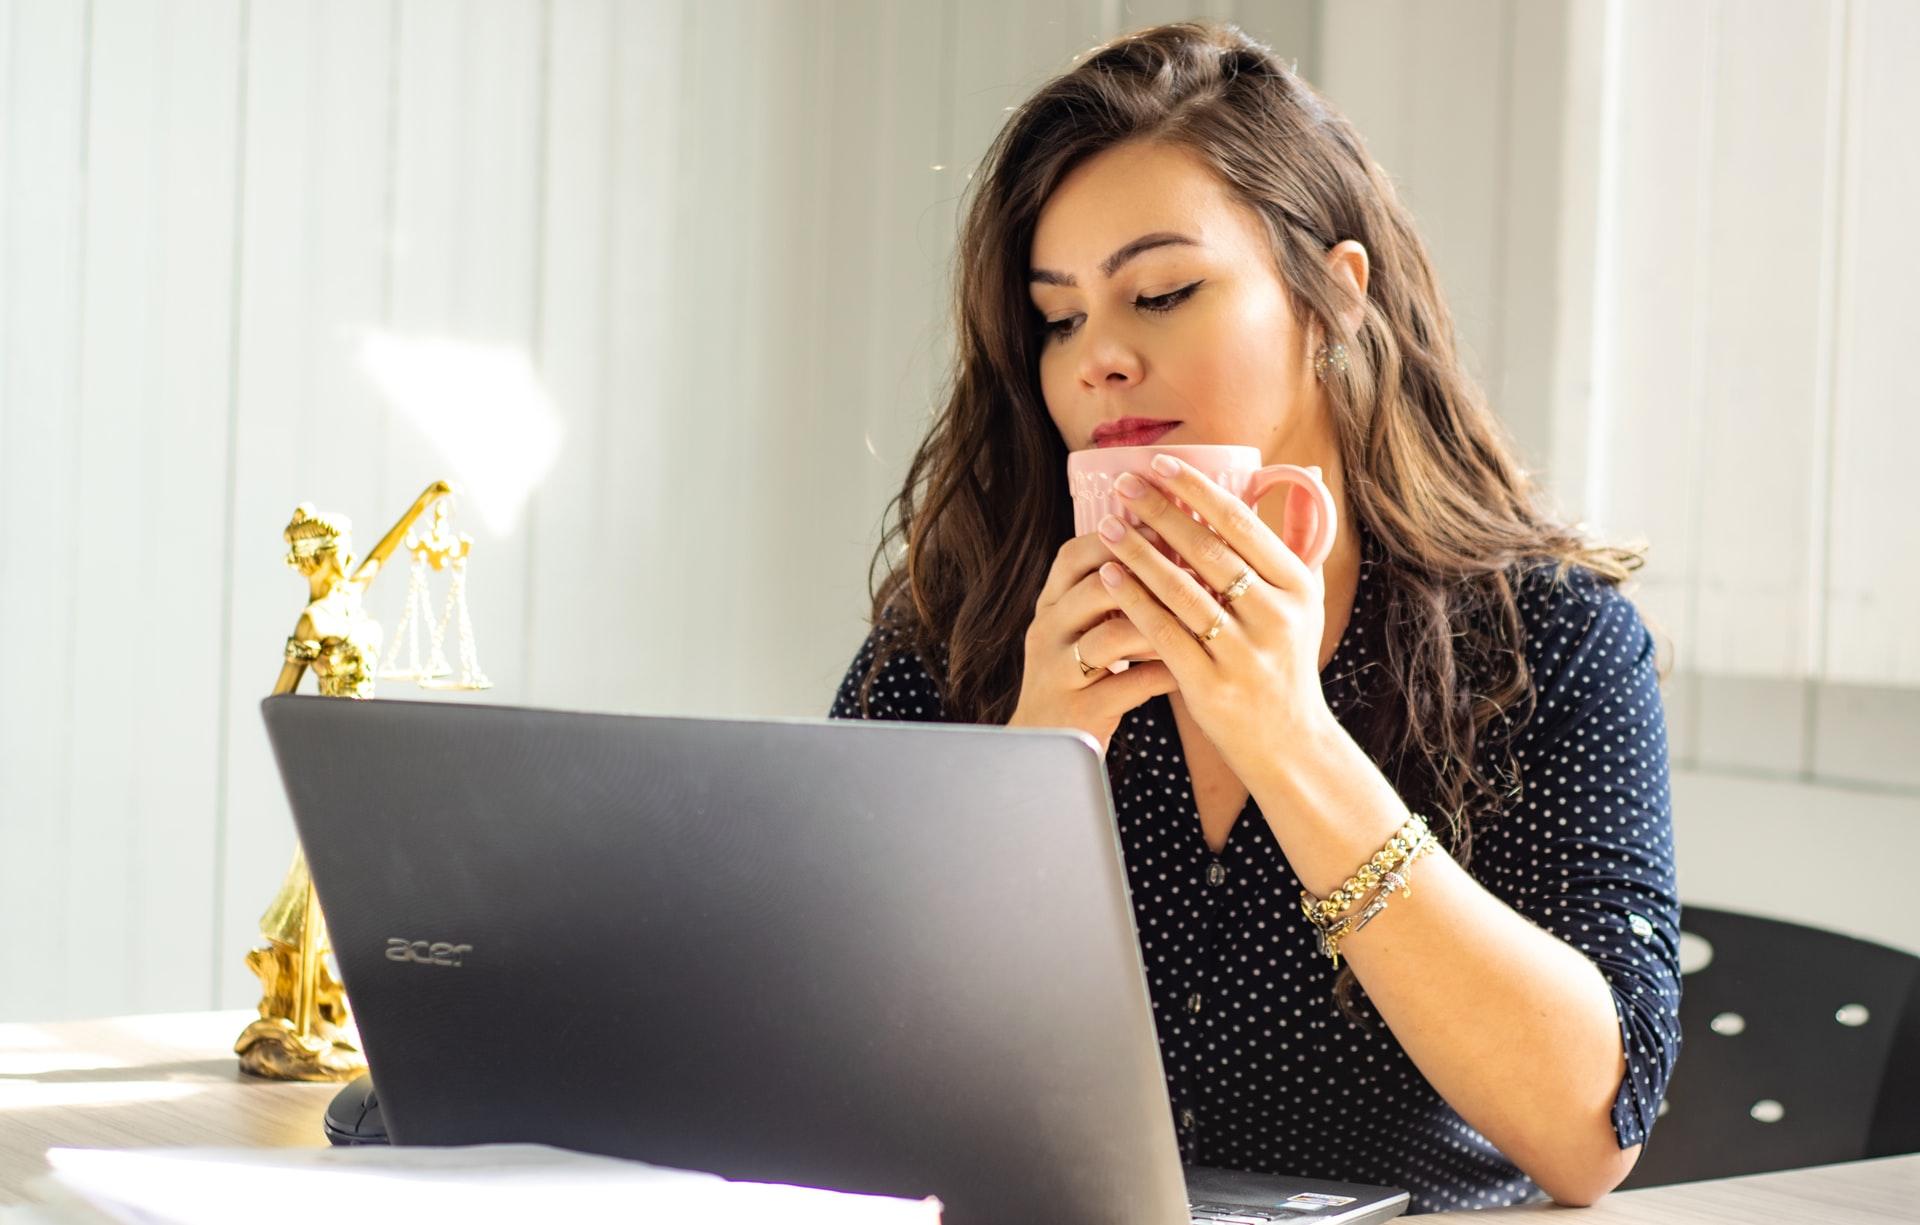 woman laptop